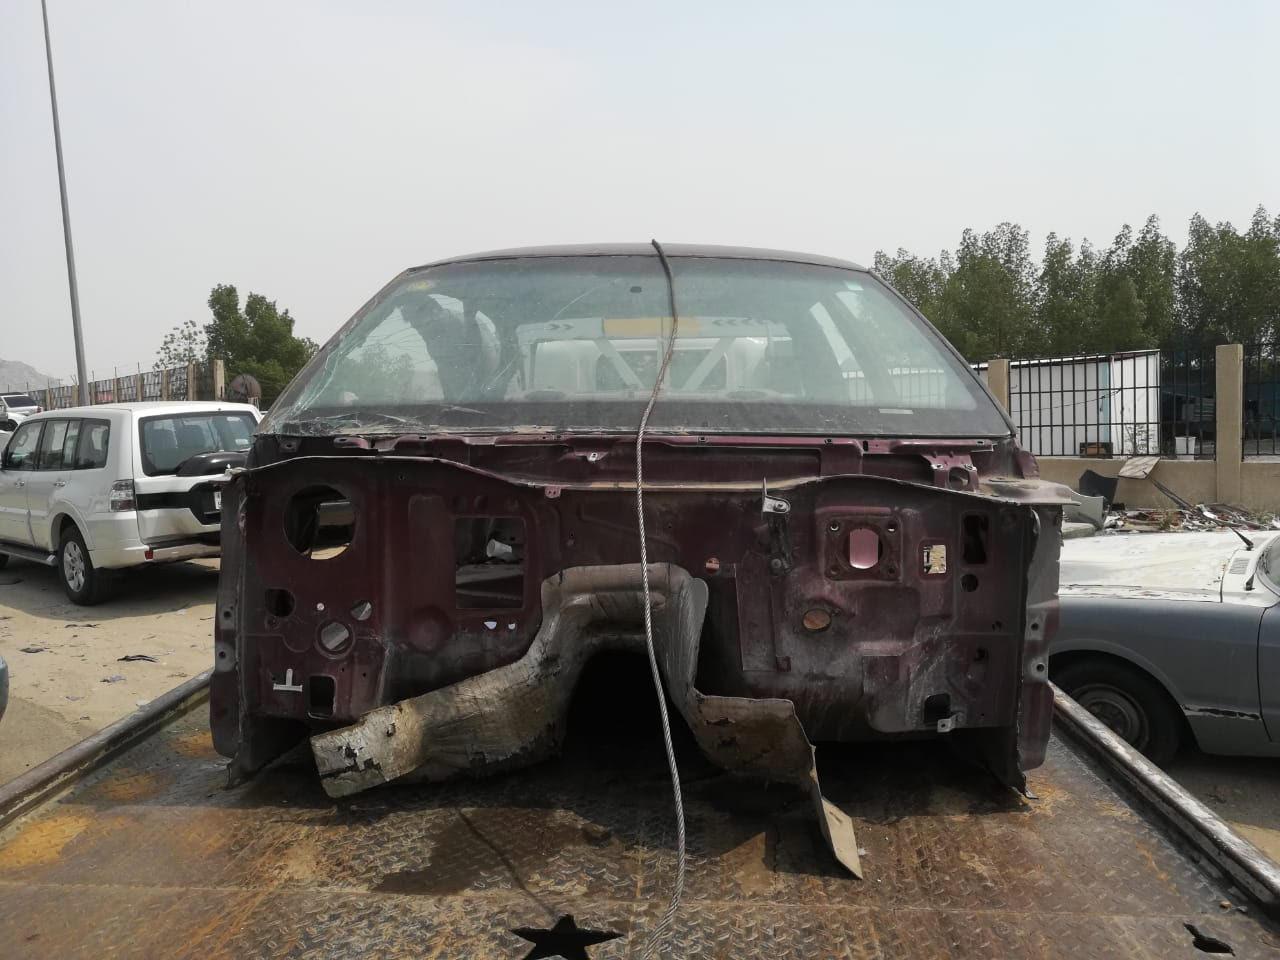 بلدية الشوقية الفرعية تزيل 65 هيكل وسيارة ومركبة تالفة